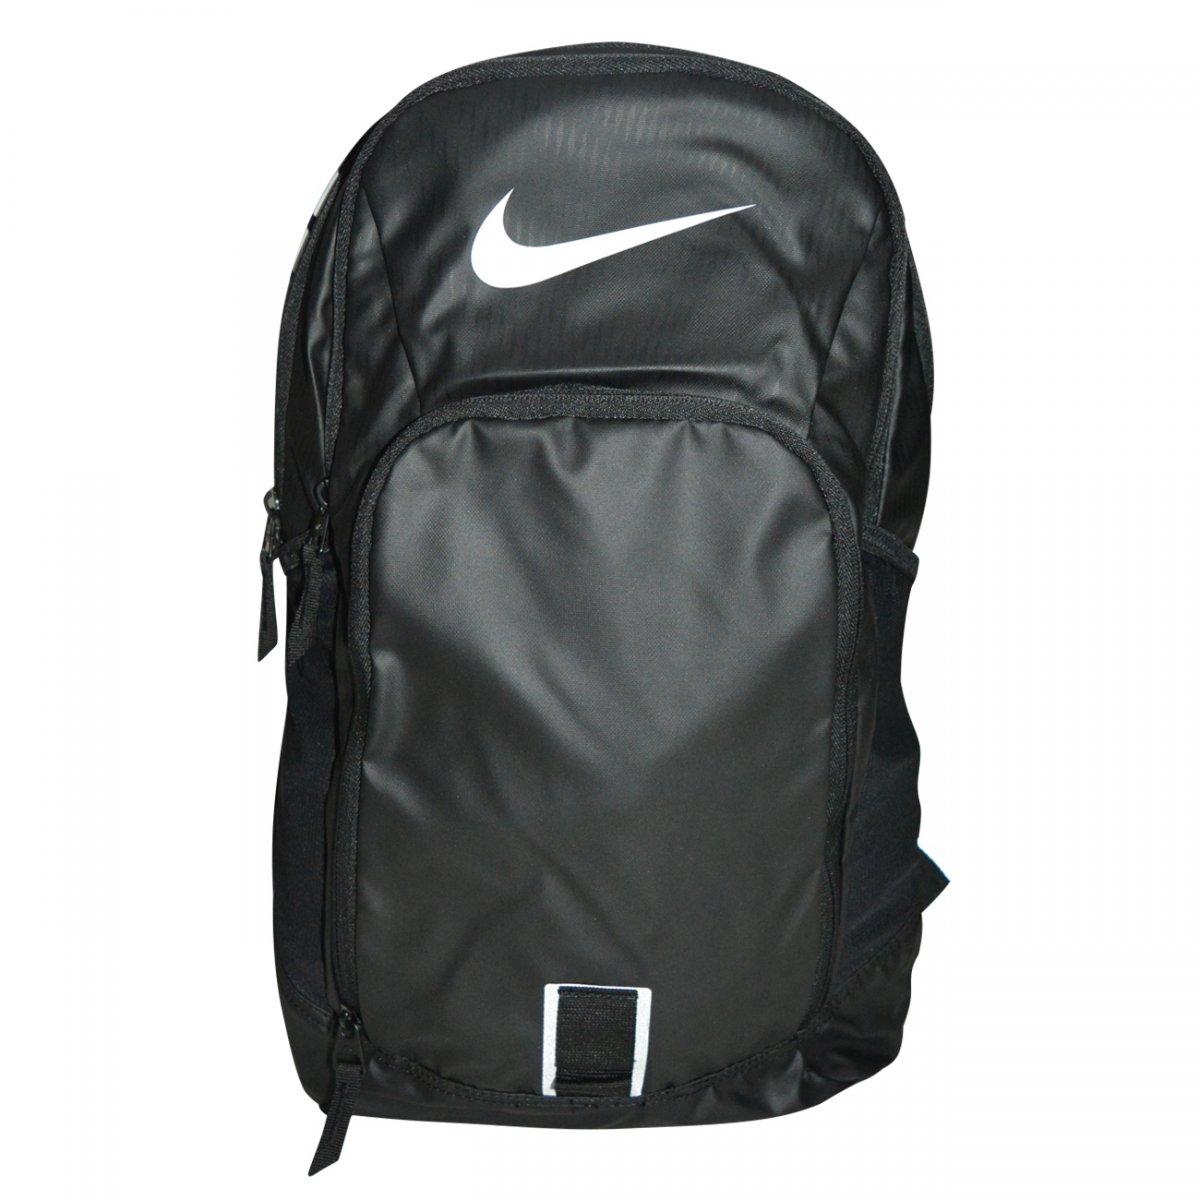 fabricación hábil proporcionar una gran selección de seleccione para el más nuevo Mochila Nike BA5255